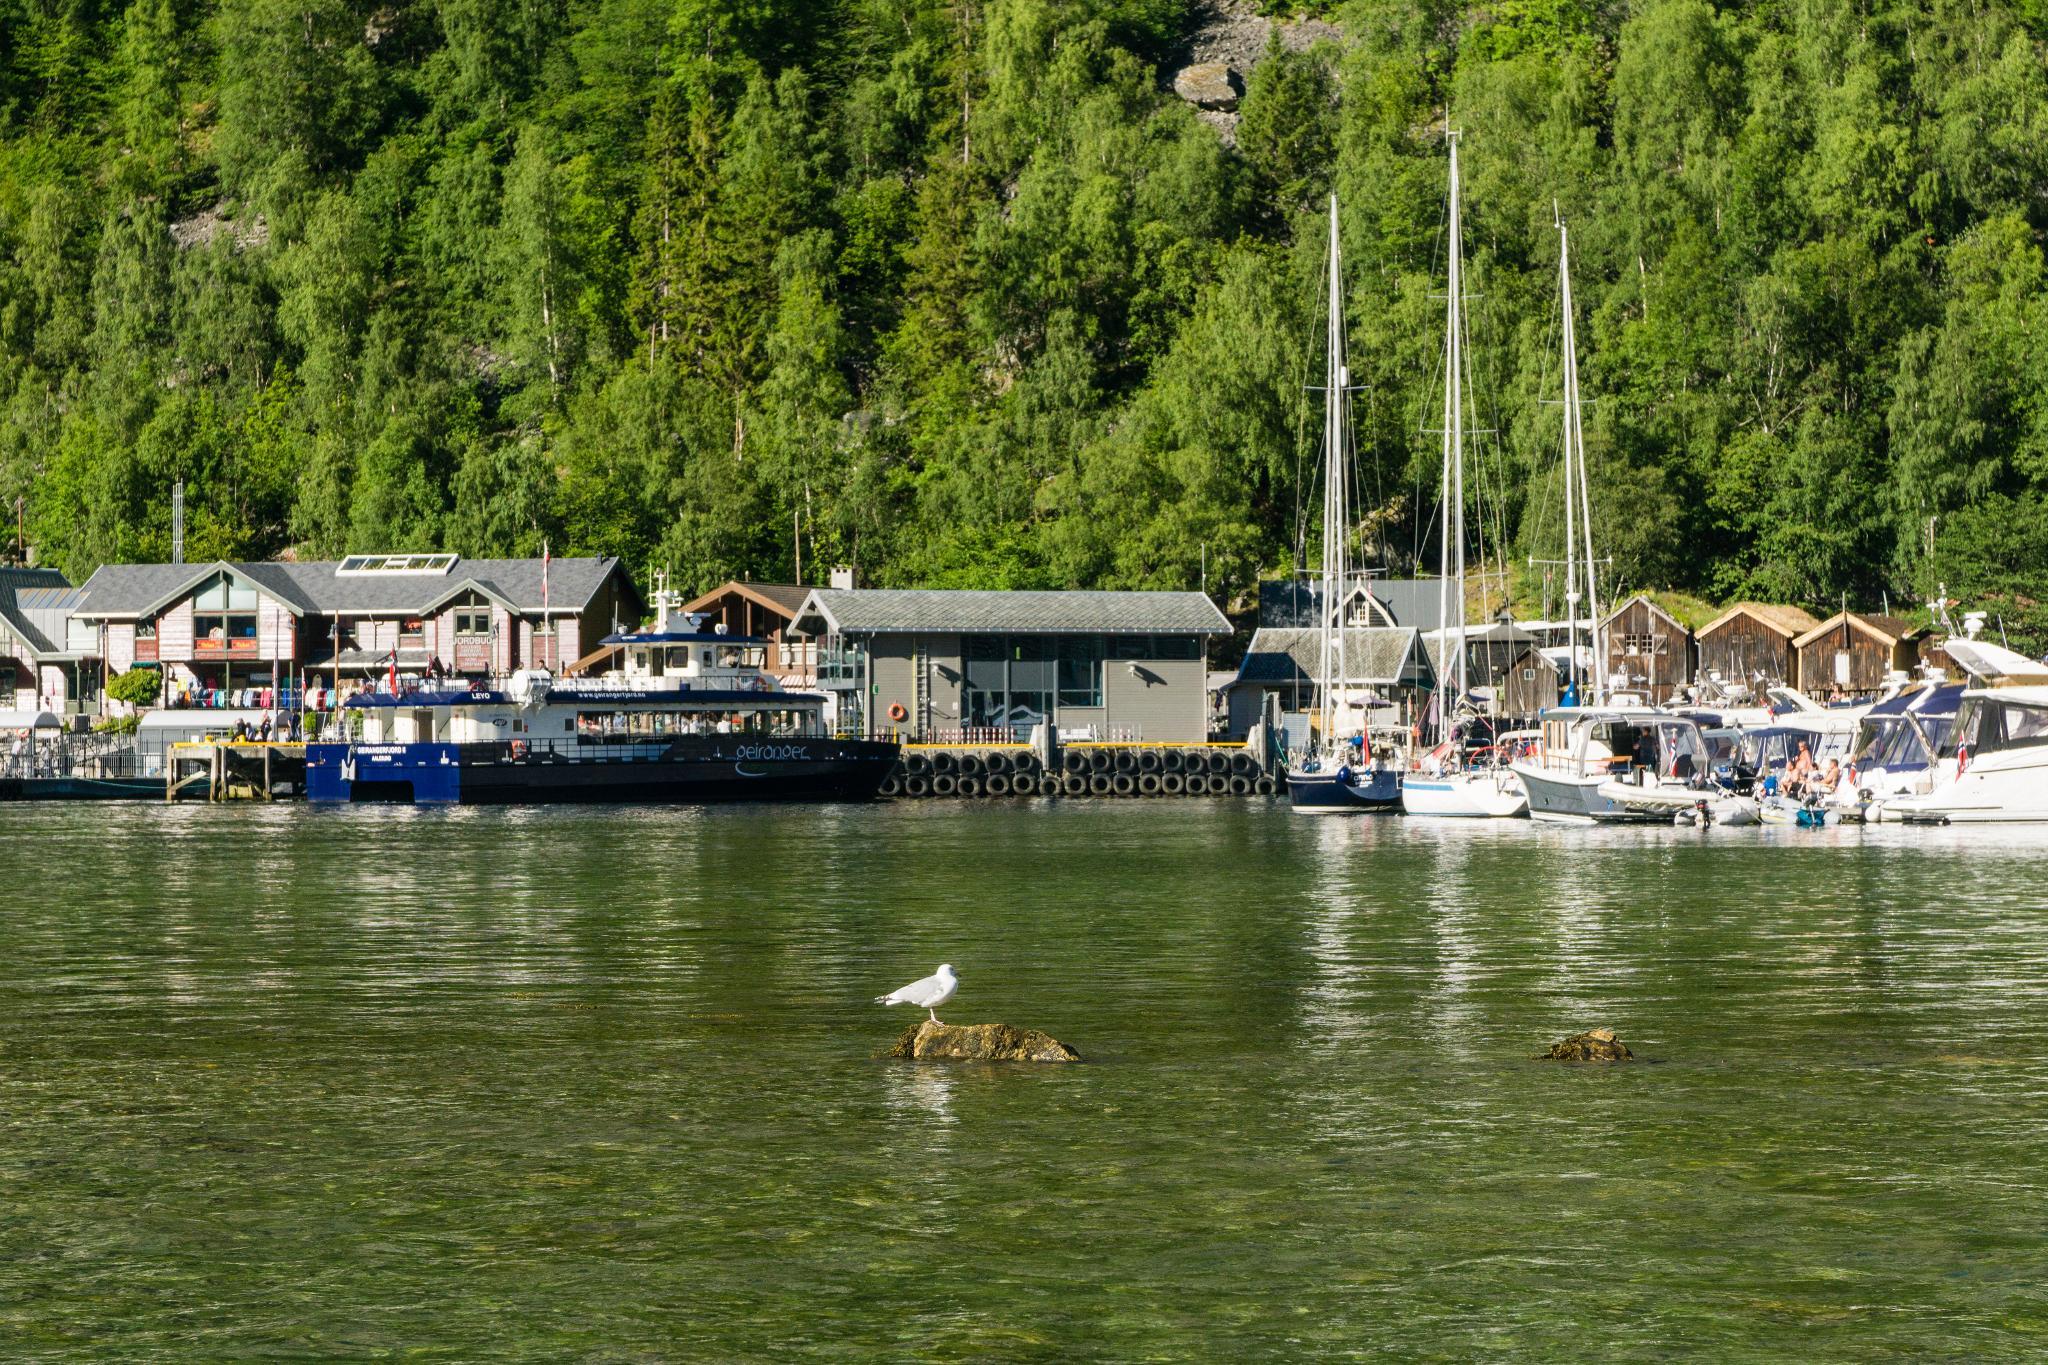 【北歐景點】Ørnesvingen 老鷹之路 ∣ 挪威世界遺產 — 蓋倫格峽灣景點總整理 23